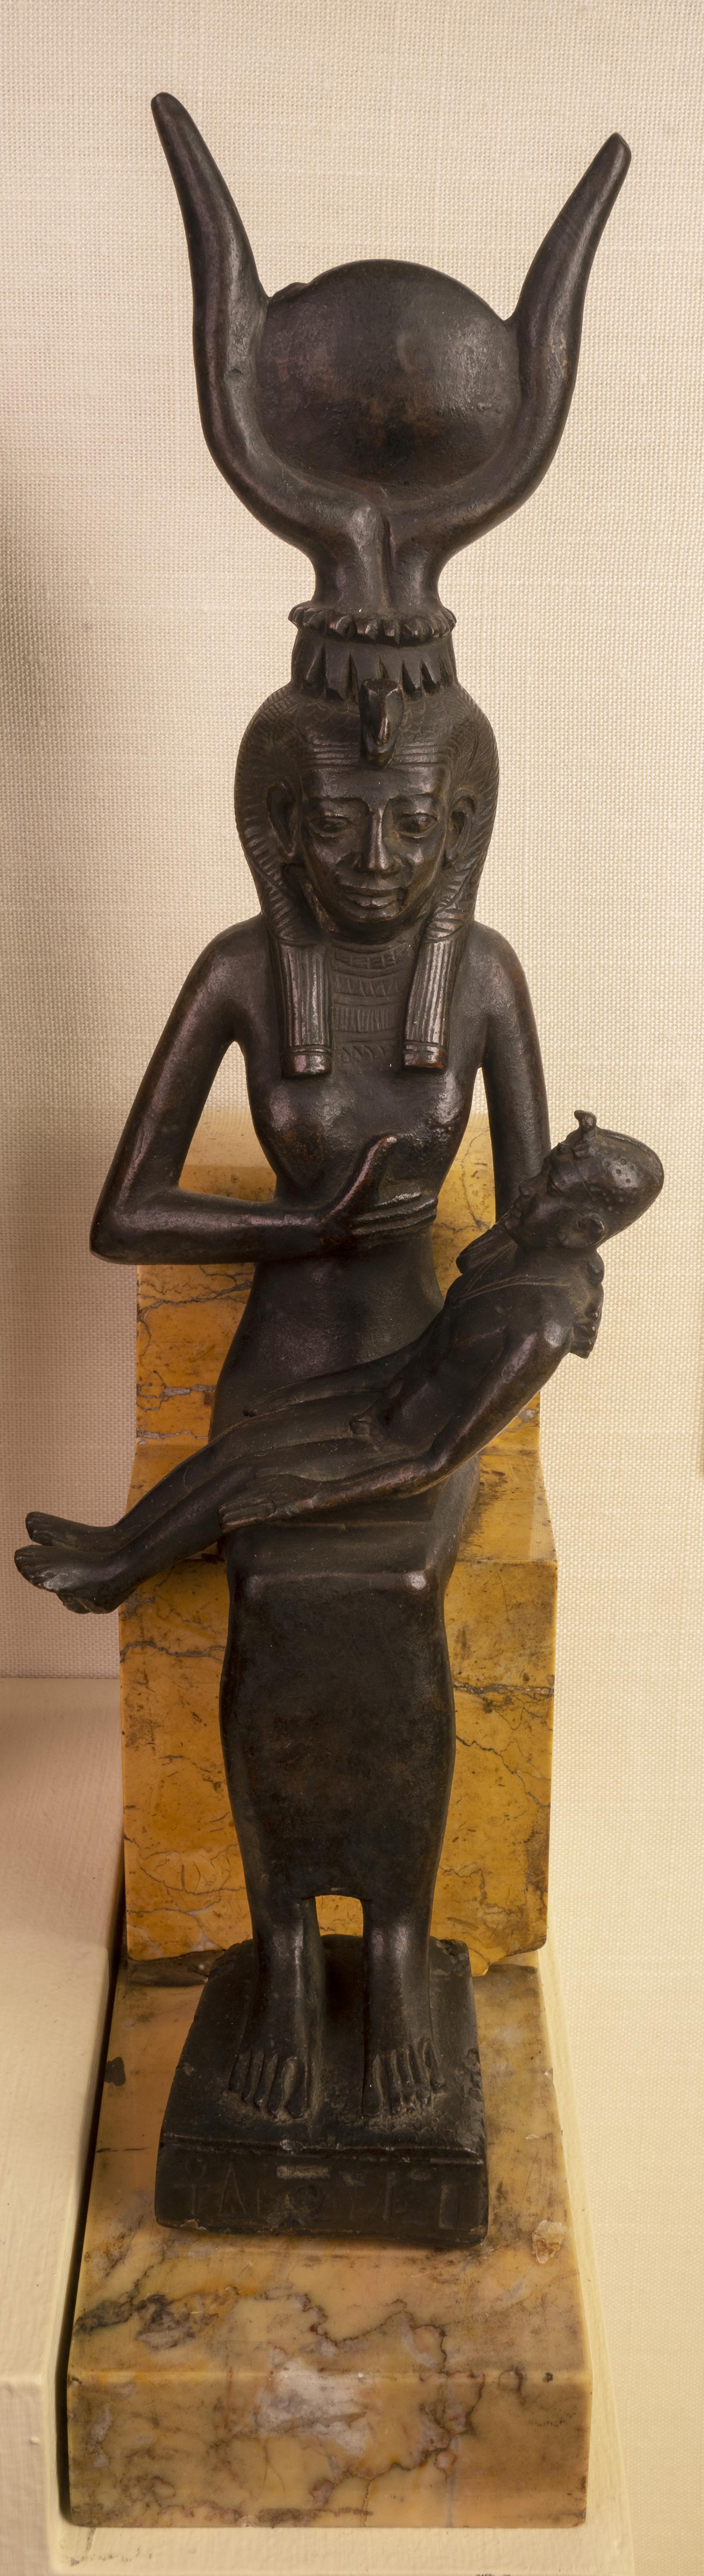 Figure 6: Bronze votive statuette of Isis and Horus (E1164).